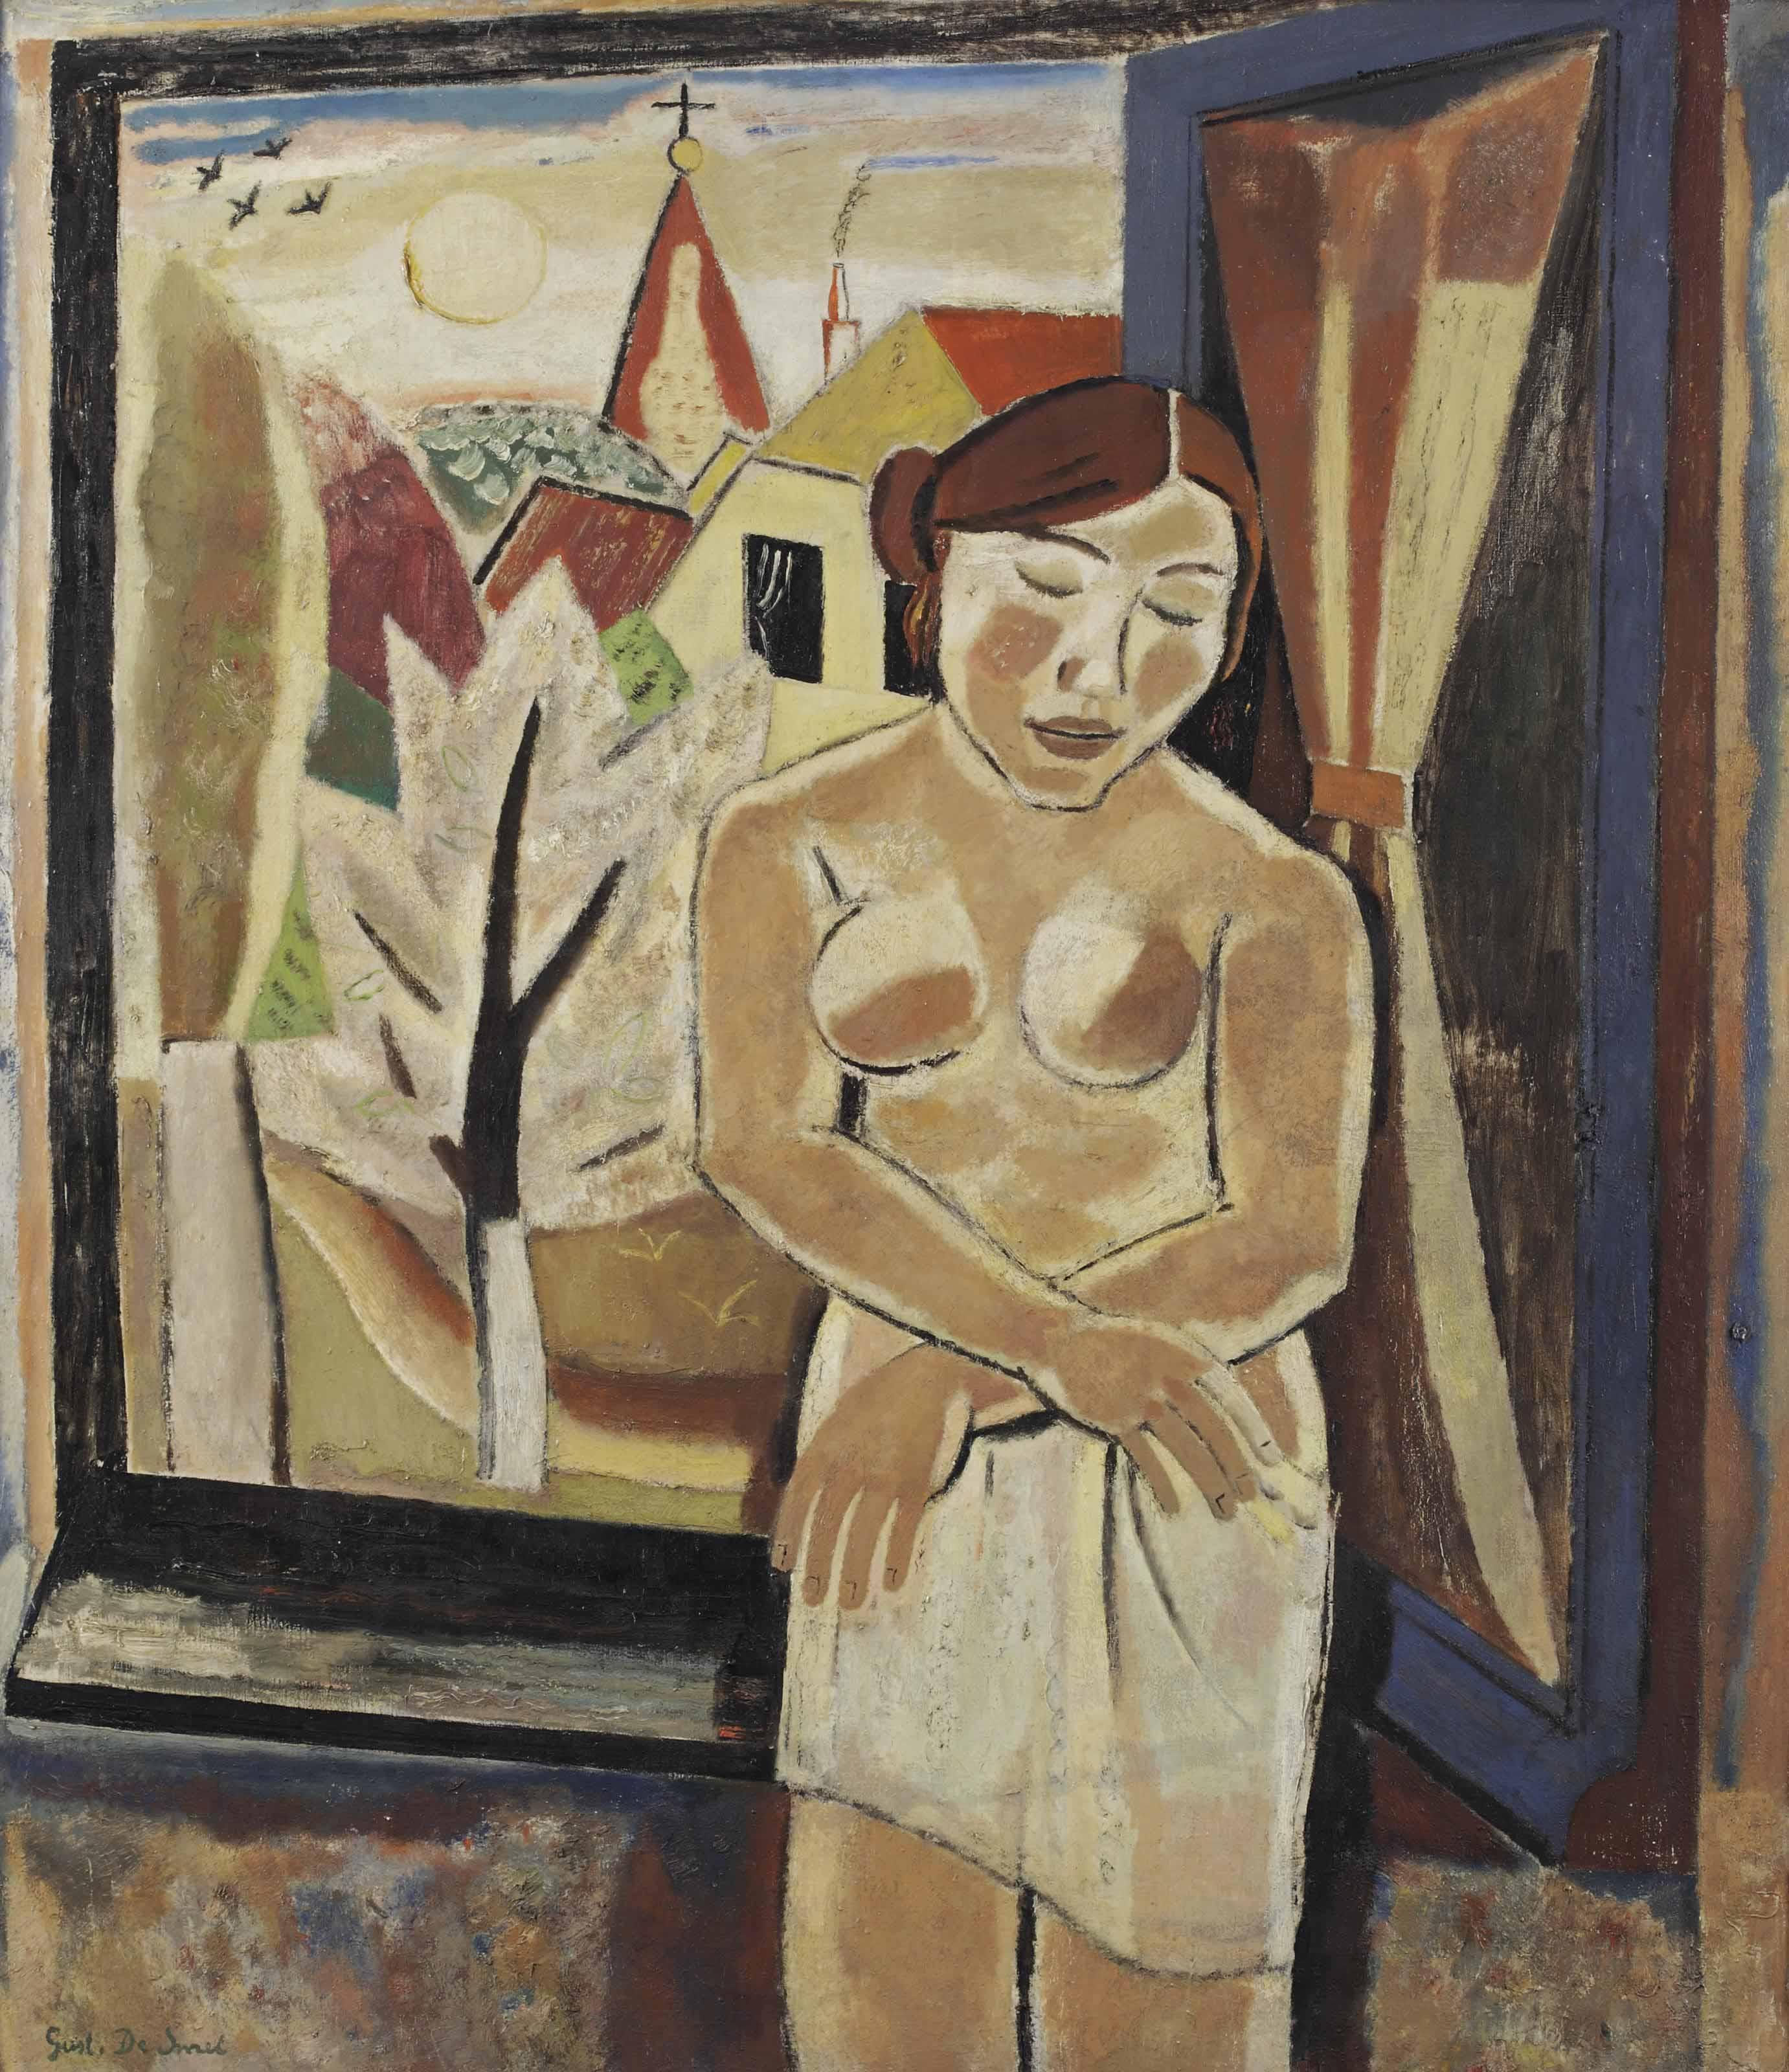 Nude by a window